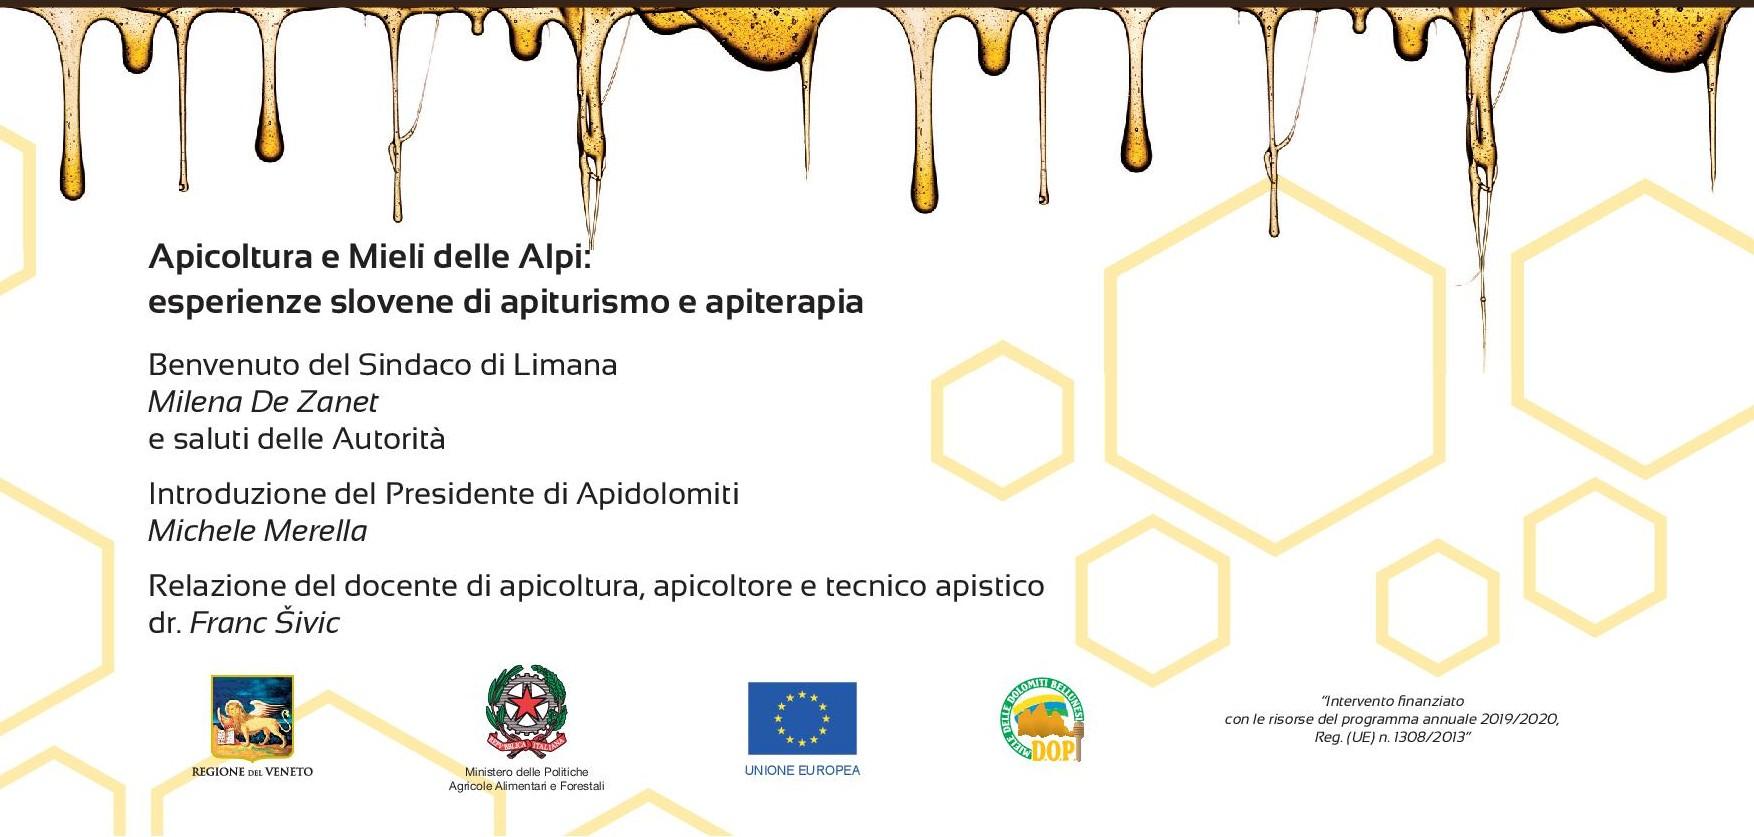 Convegno Apicoltura delle Alpi - Limana 2019